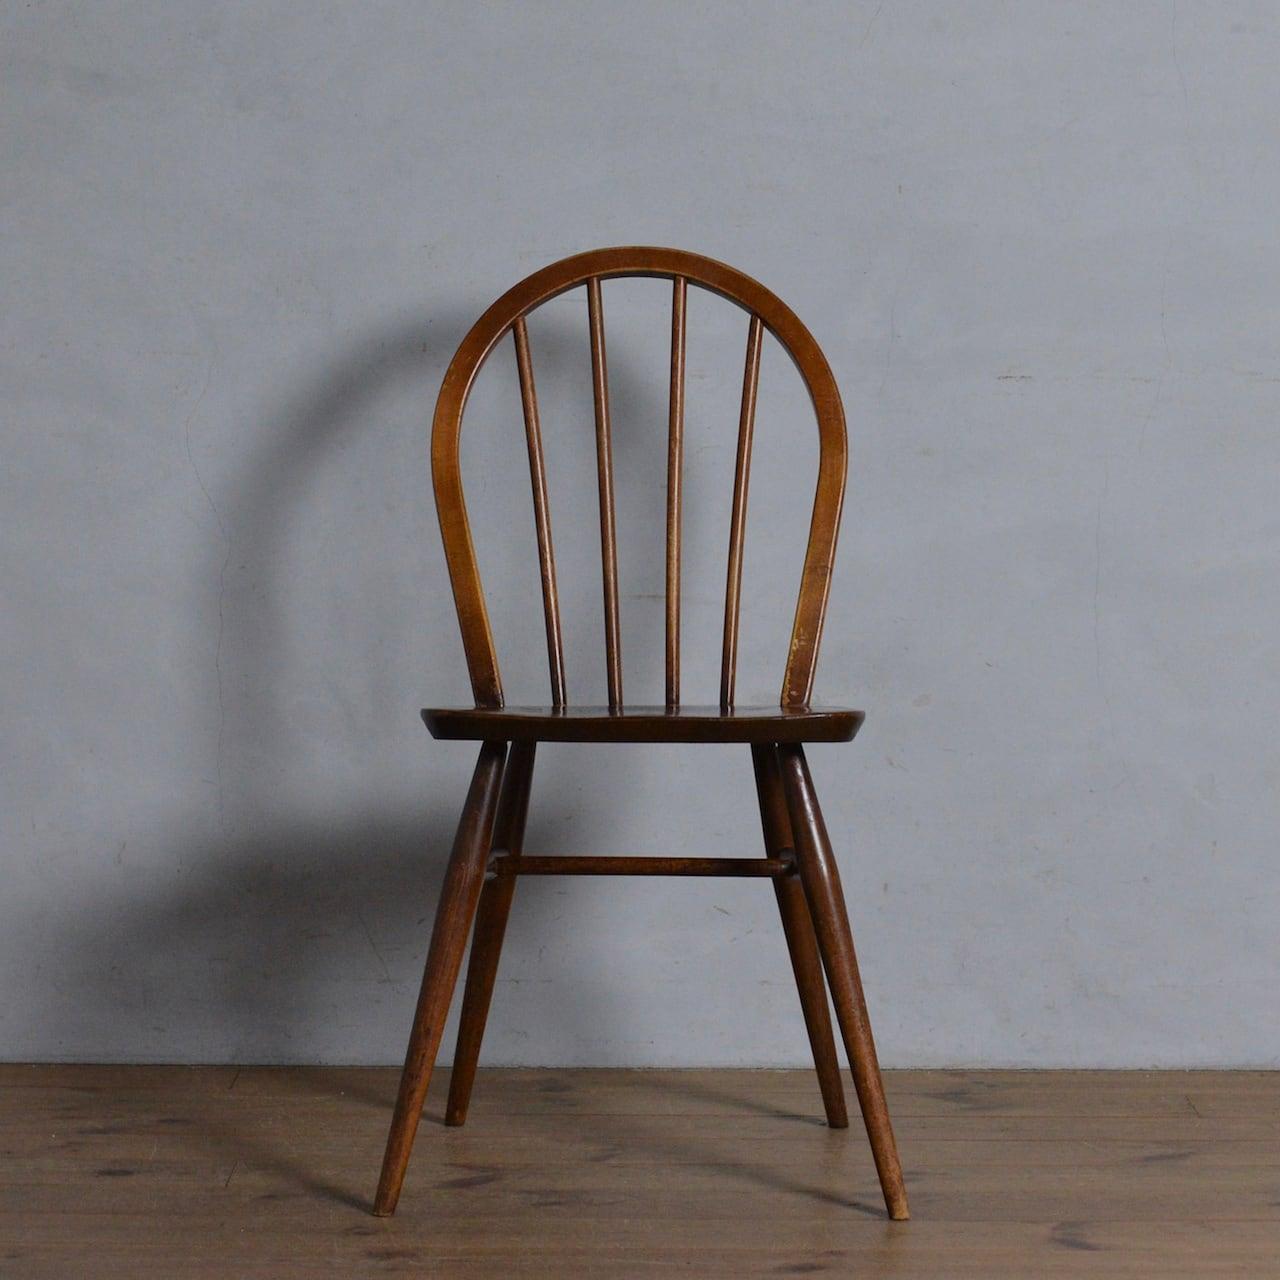 Ercol Hoopback Chair / アーコール フープバック チェア 〈ダイニングチェア・デスクチェア・椅子・コロニアル・ウィンザーチェア〉